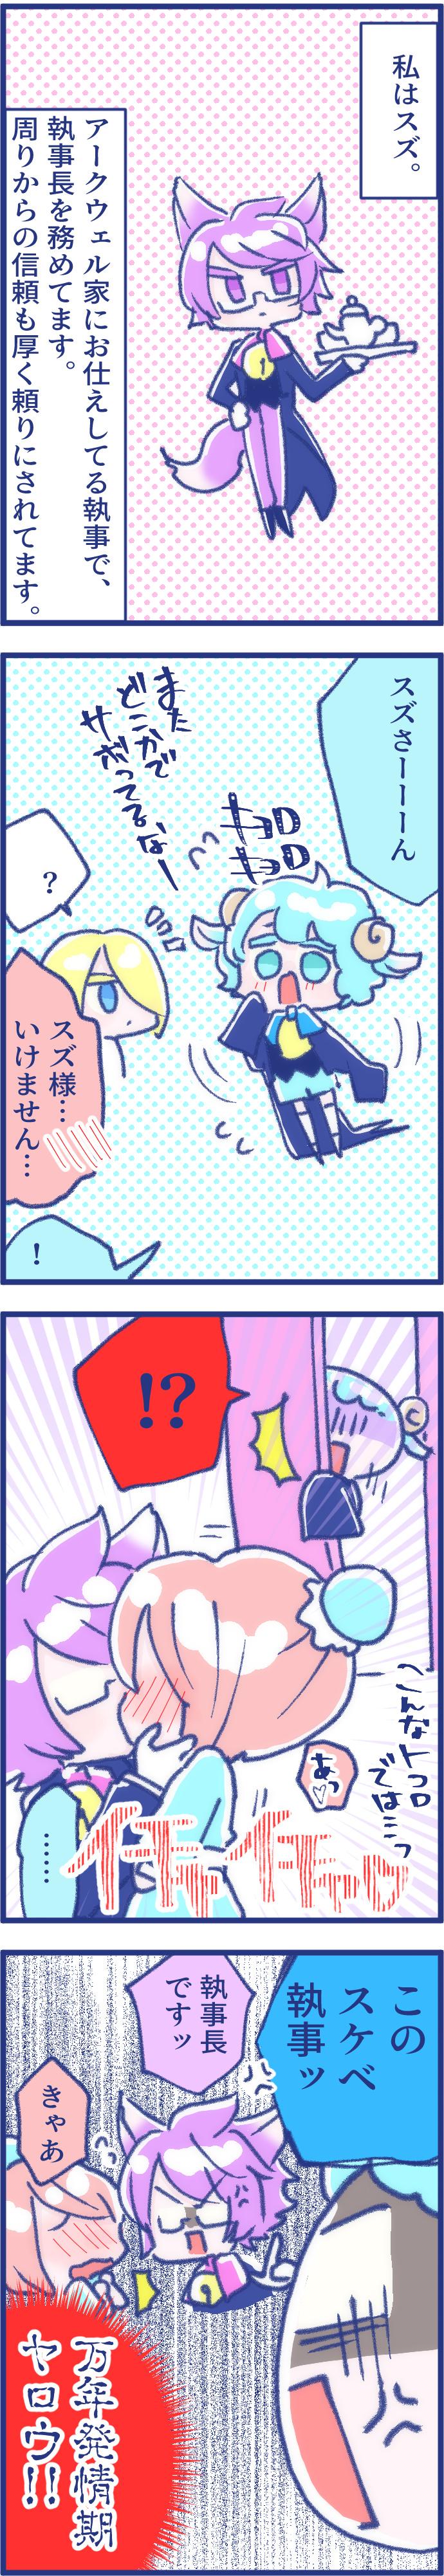 f:id:futagosiroan:20181027124633j:image